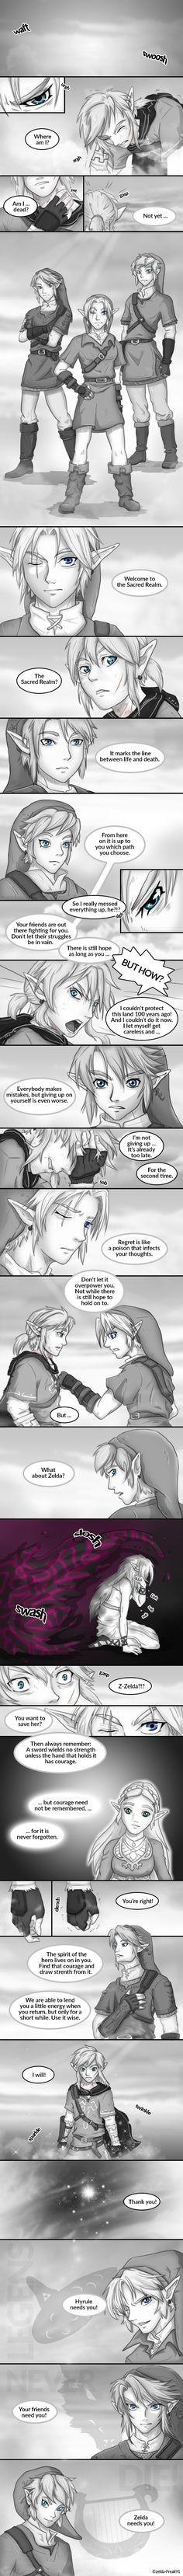 Part 6 - Zelda: Heart of a Champion - by zelda-Freak91